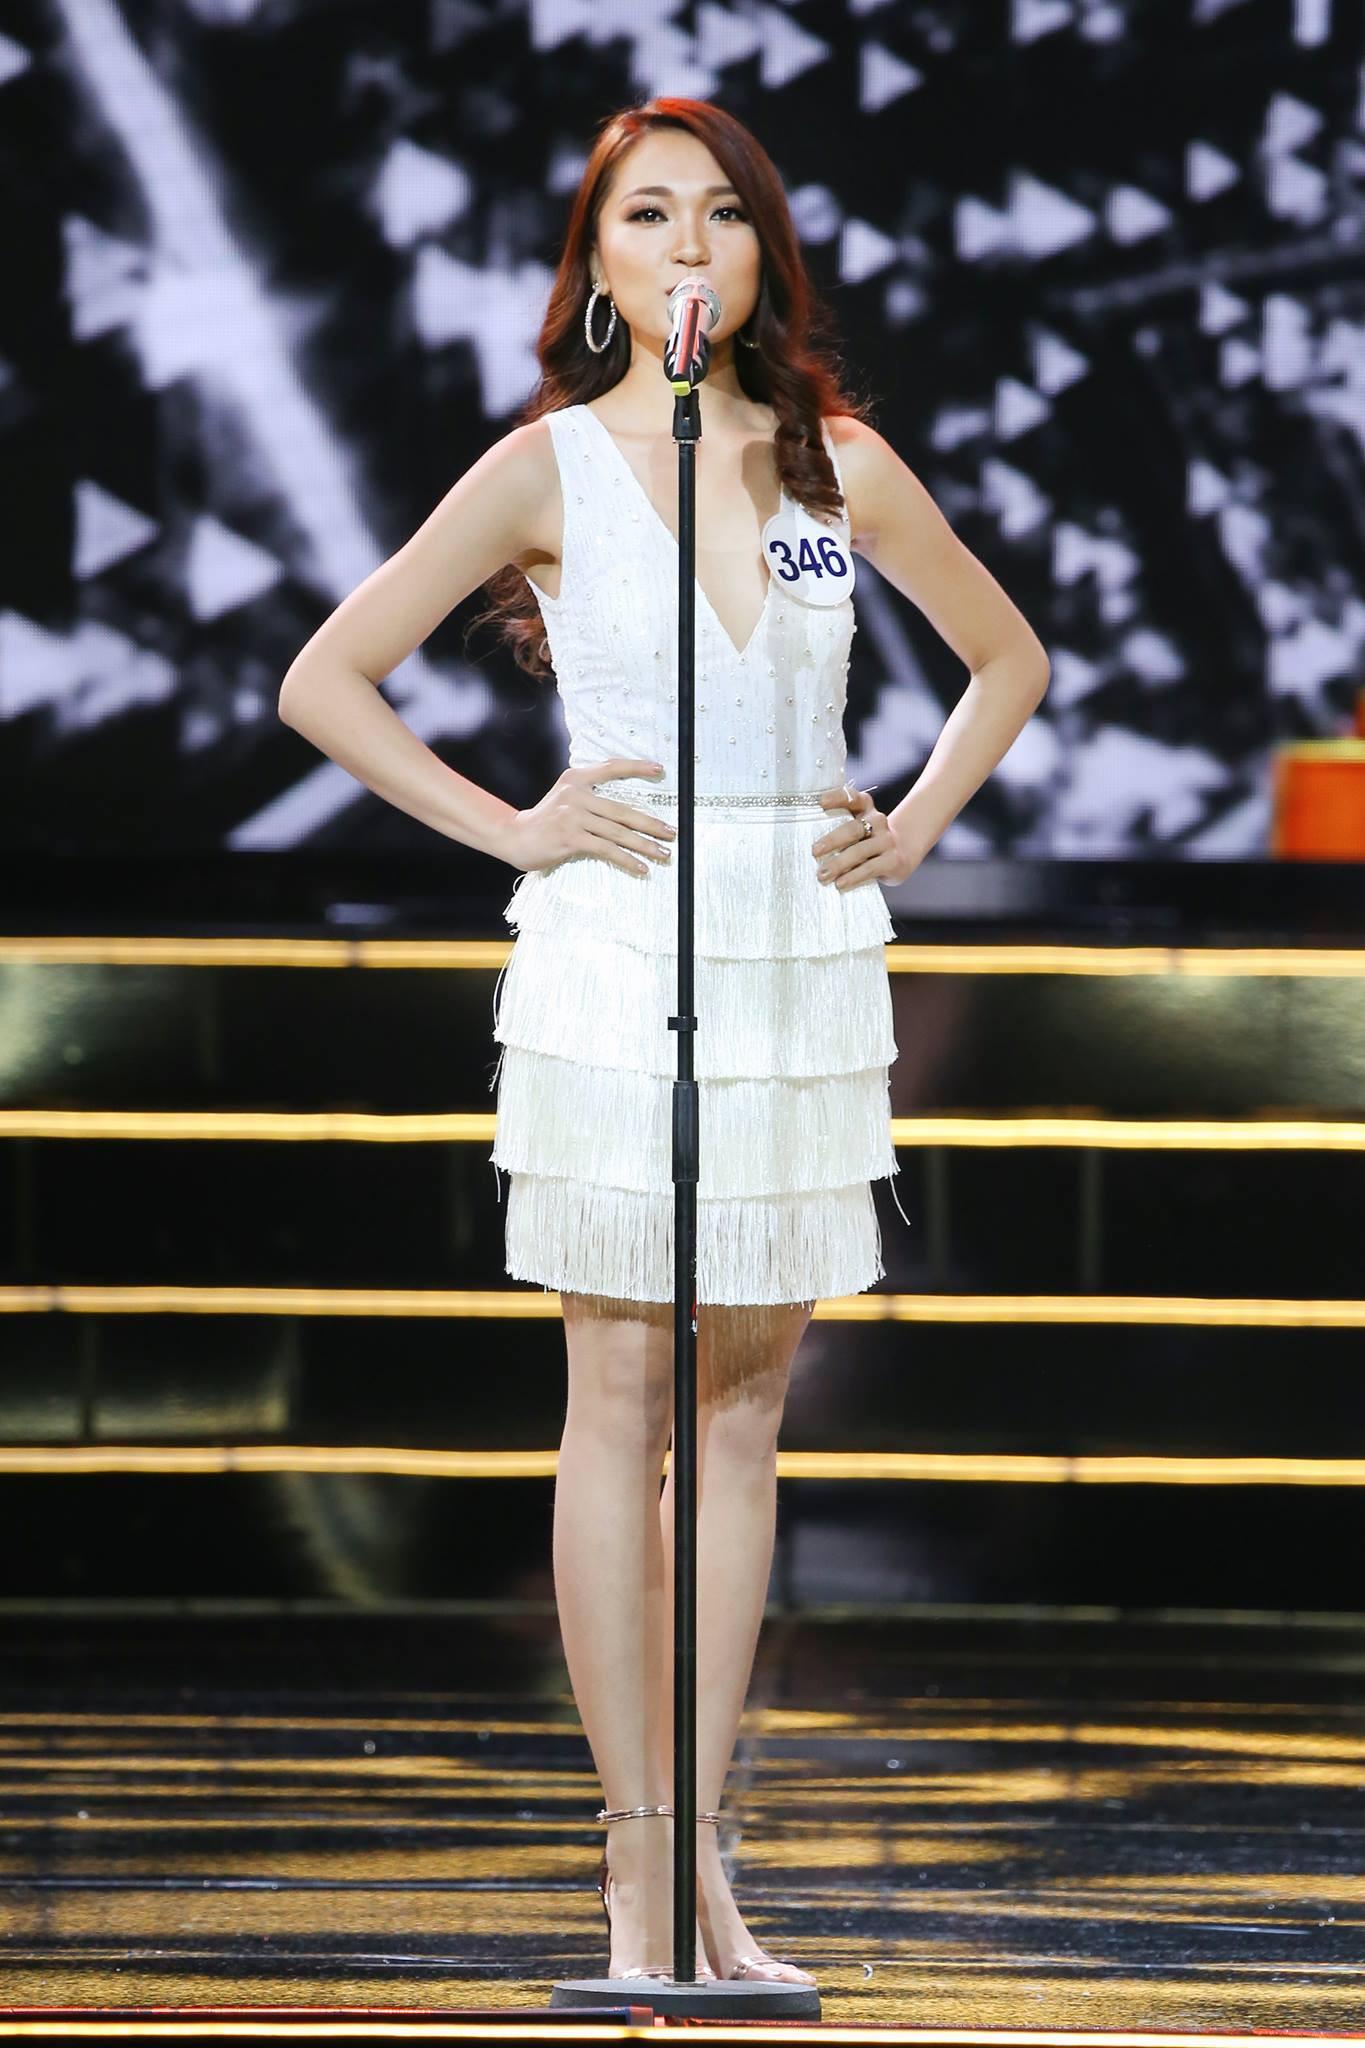 Khuôn mặt đẹp nhưng chỉ cao 1m65, lại kém tiếng Anh, cô nàng này sẽ làm nên chuyện tại Hoa hậu Hoàn vũ VN? - Ảnh 7.